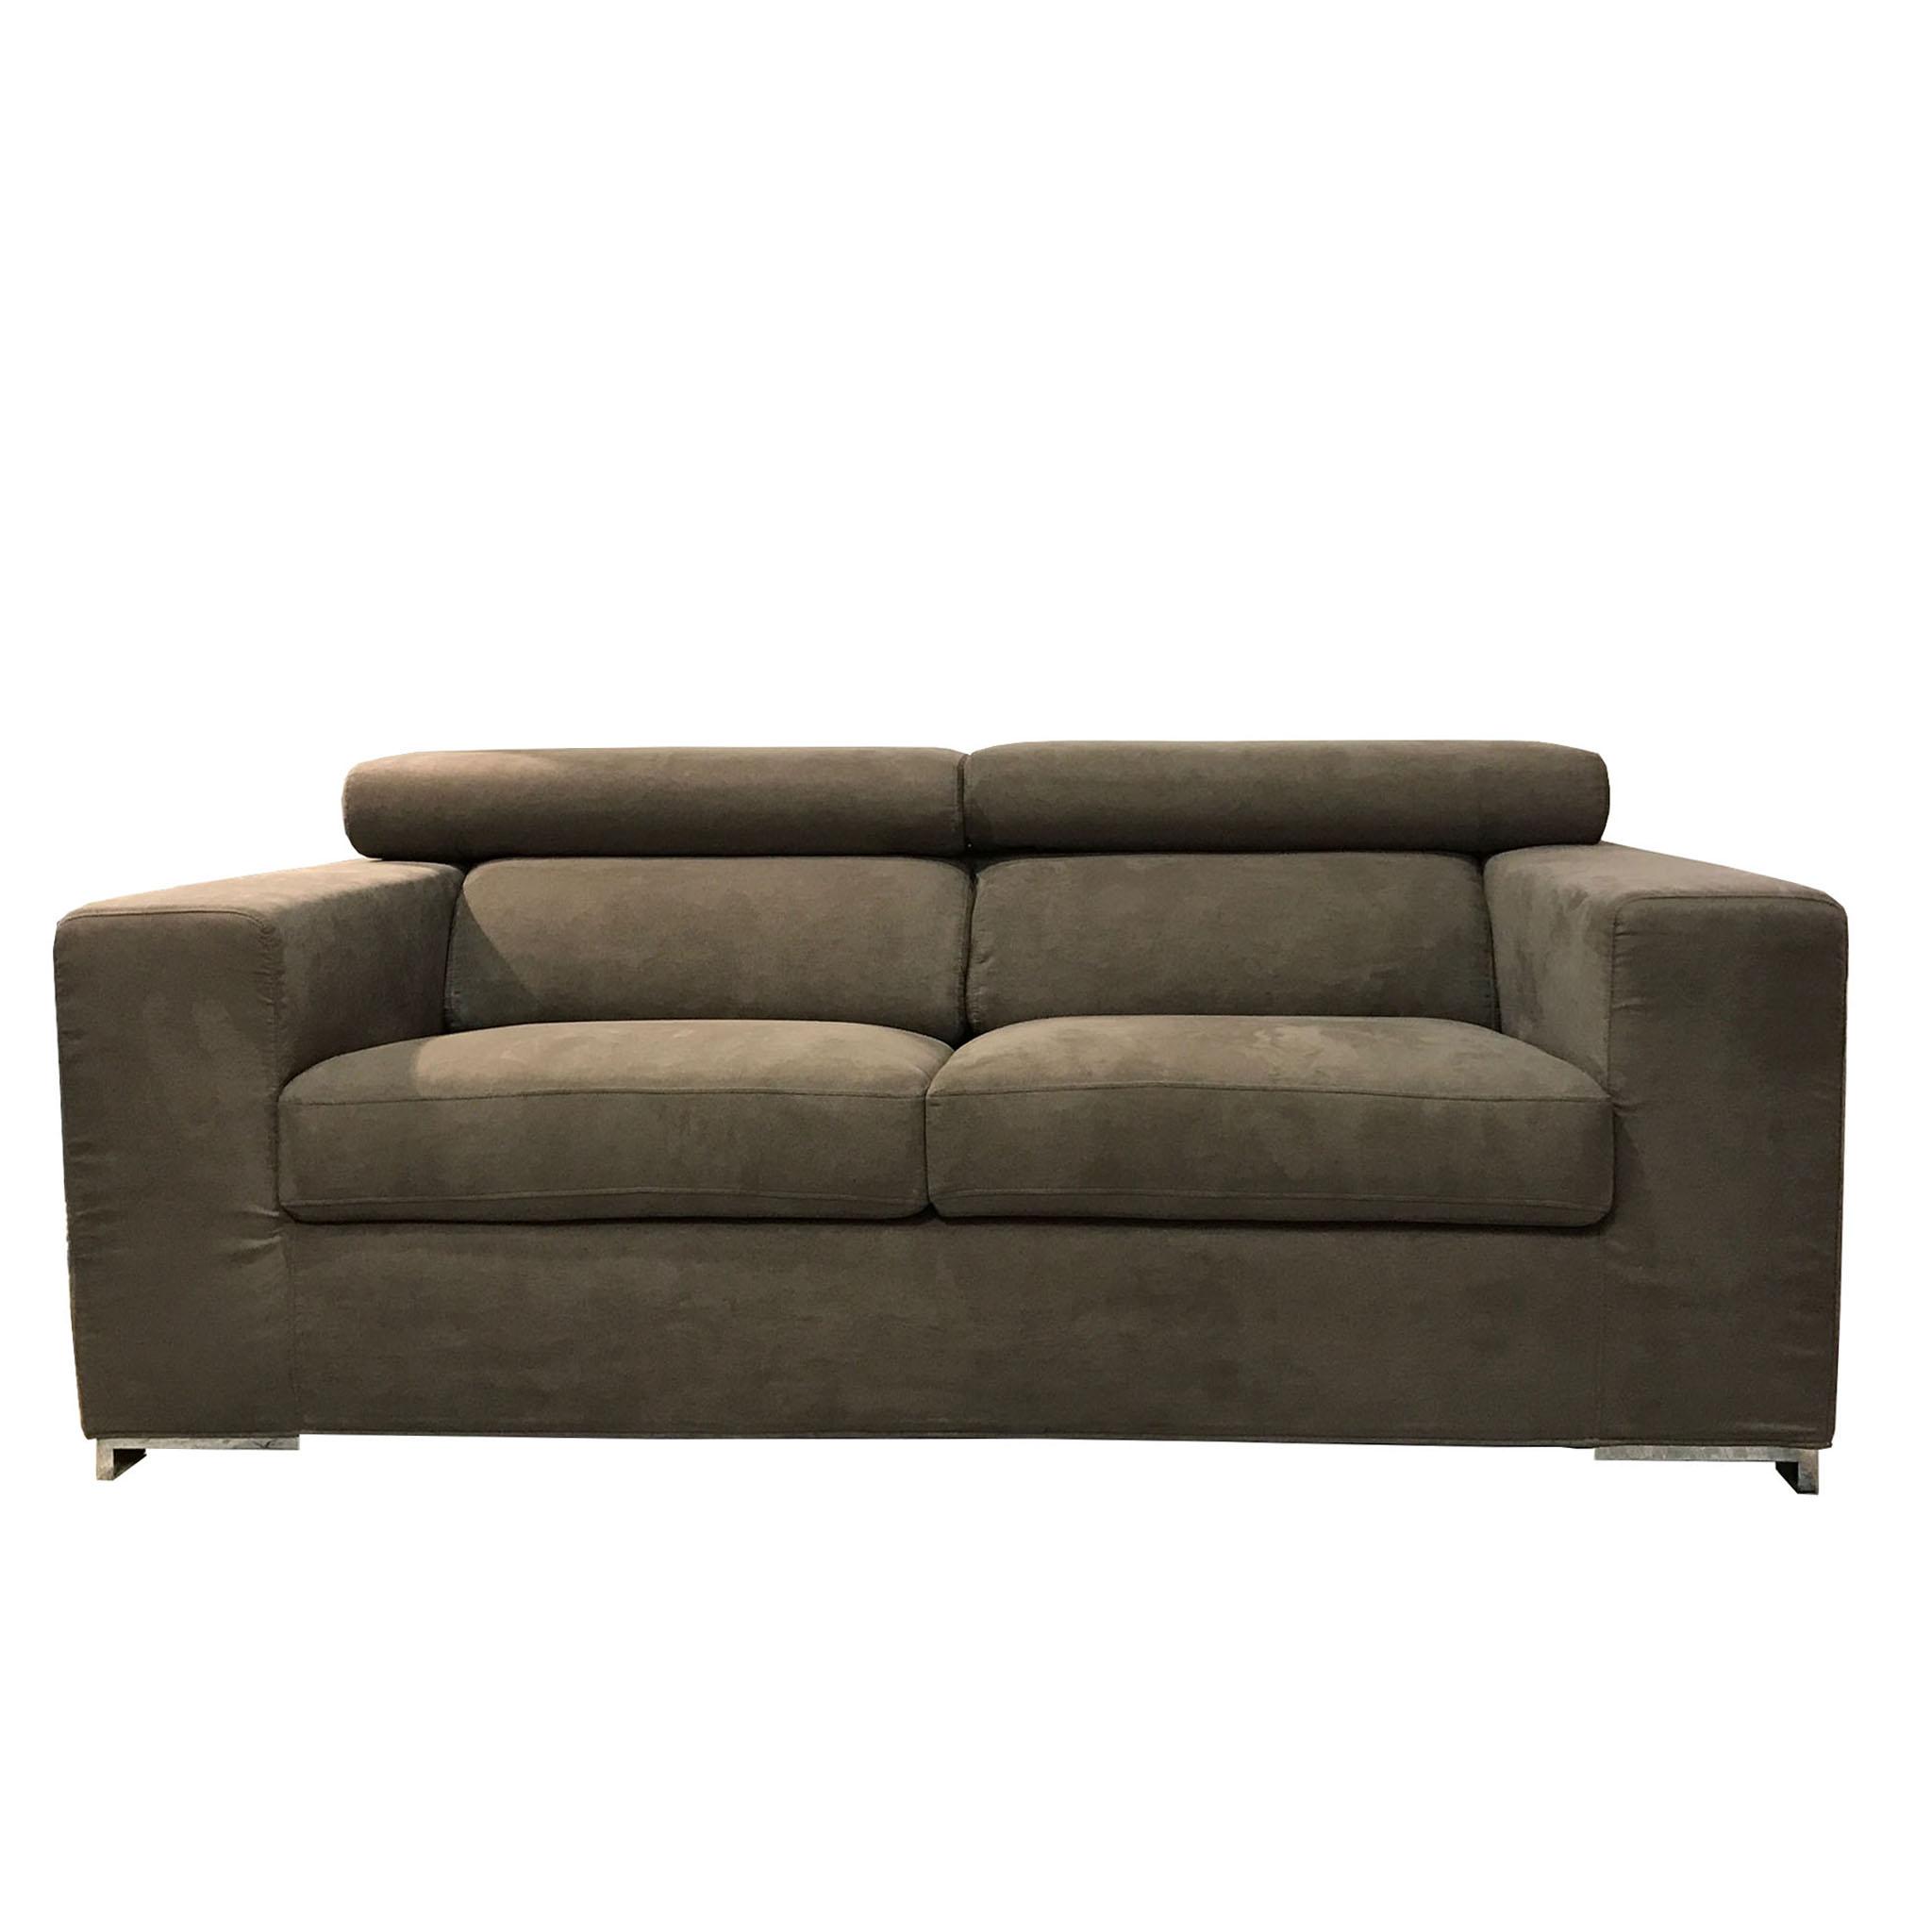 Divano moderno poggiatesta reclinabili tessuto grigio - Divano moderno design ...